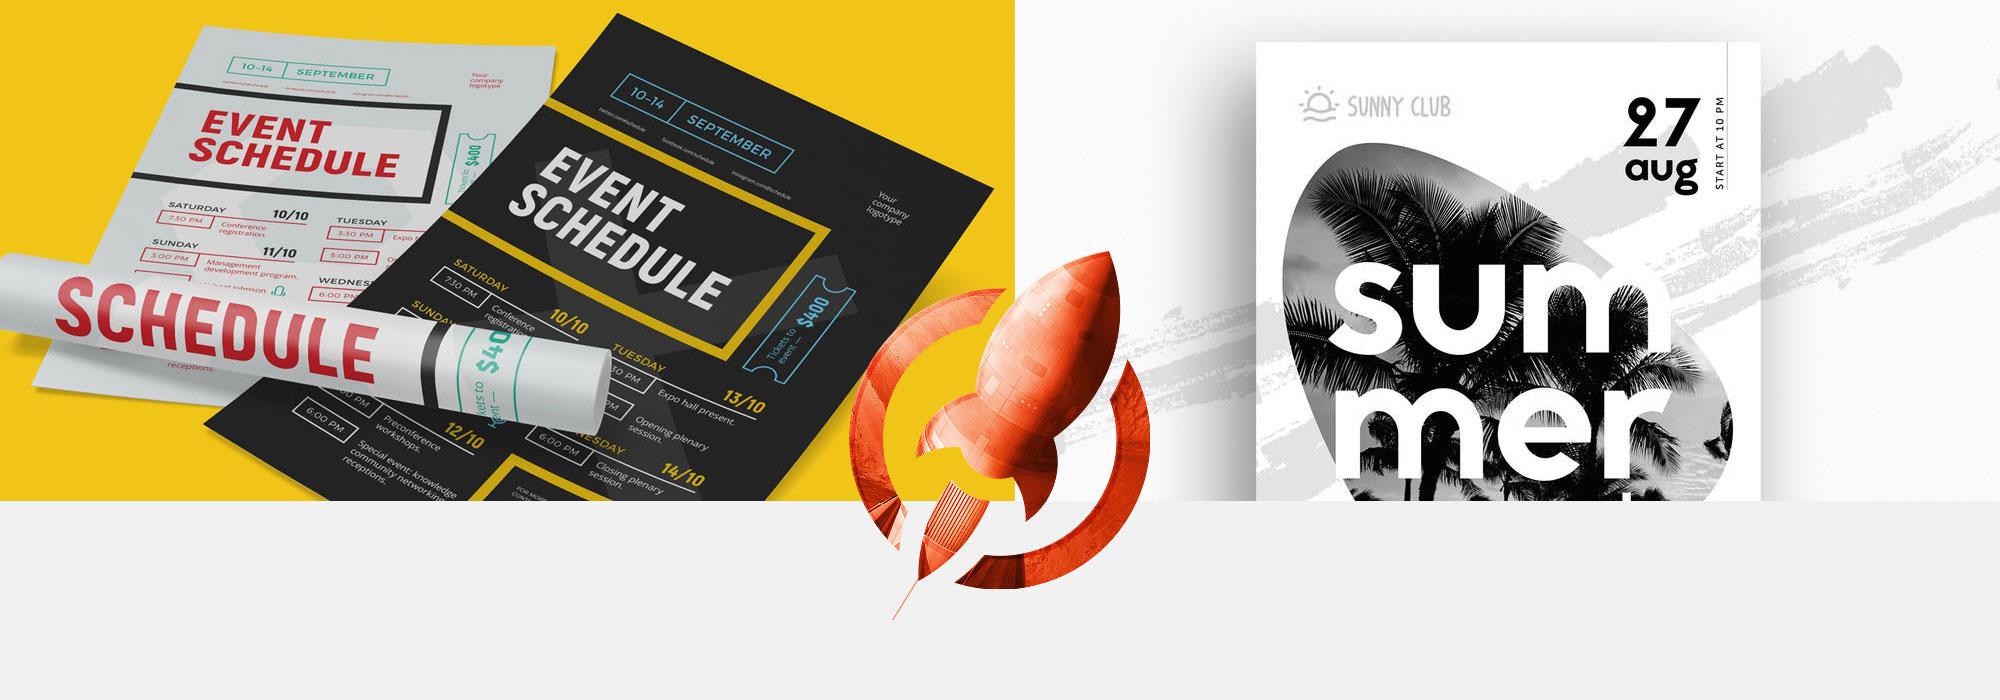 Poster Printing | Rush Flyer Printing | Same Day Printing